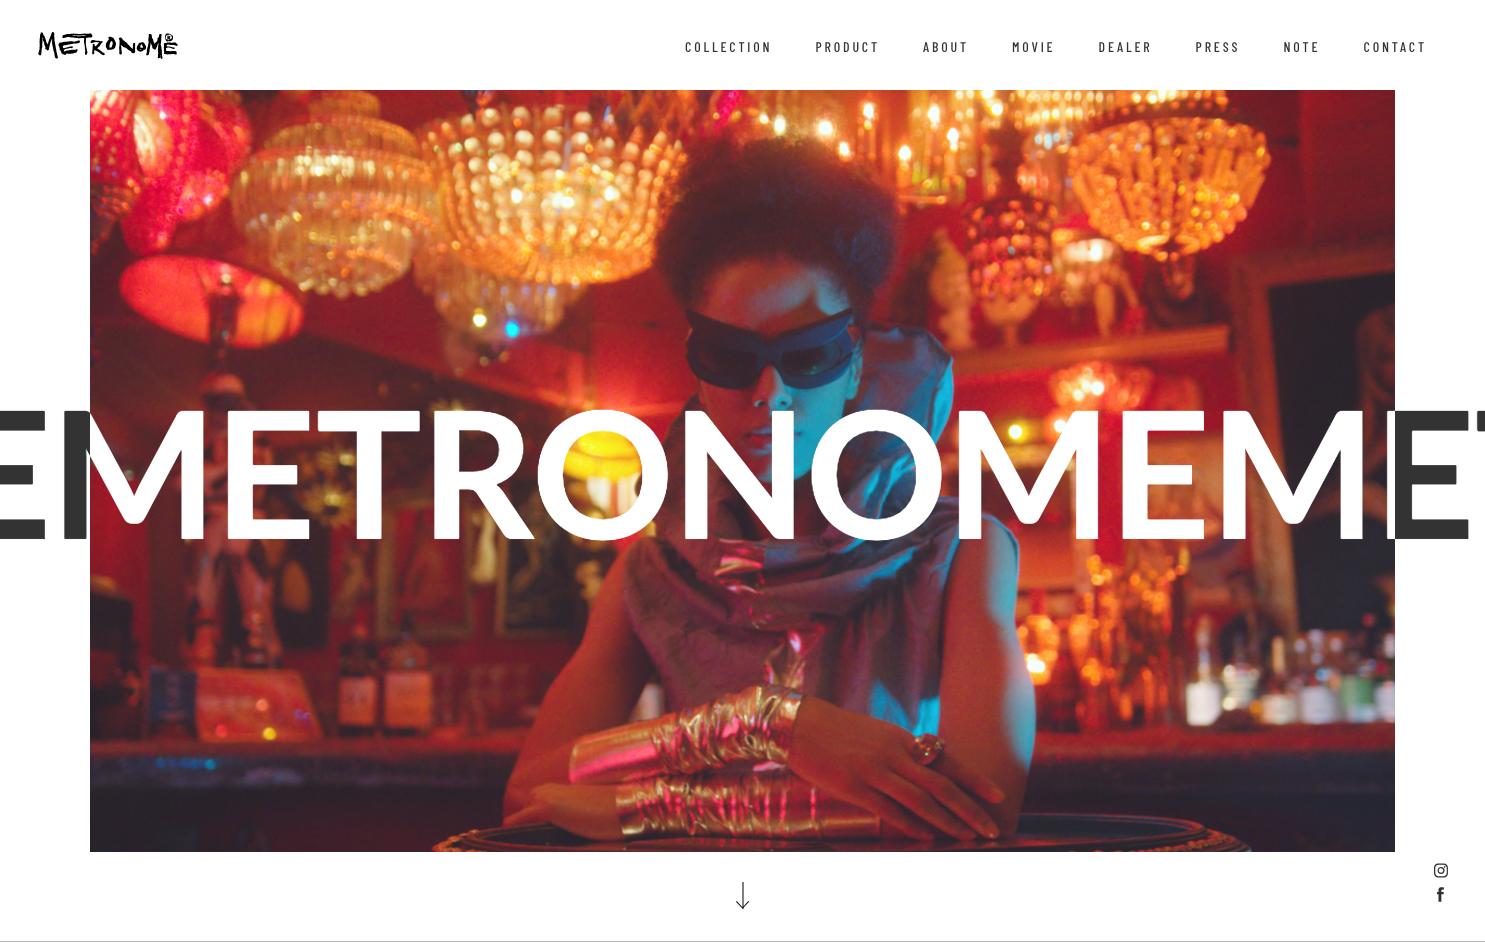 METRONOME®